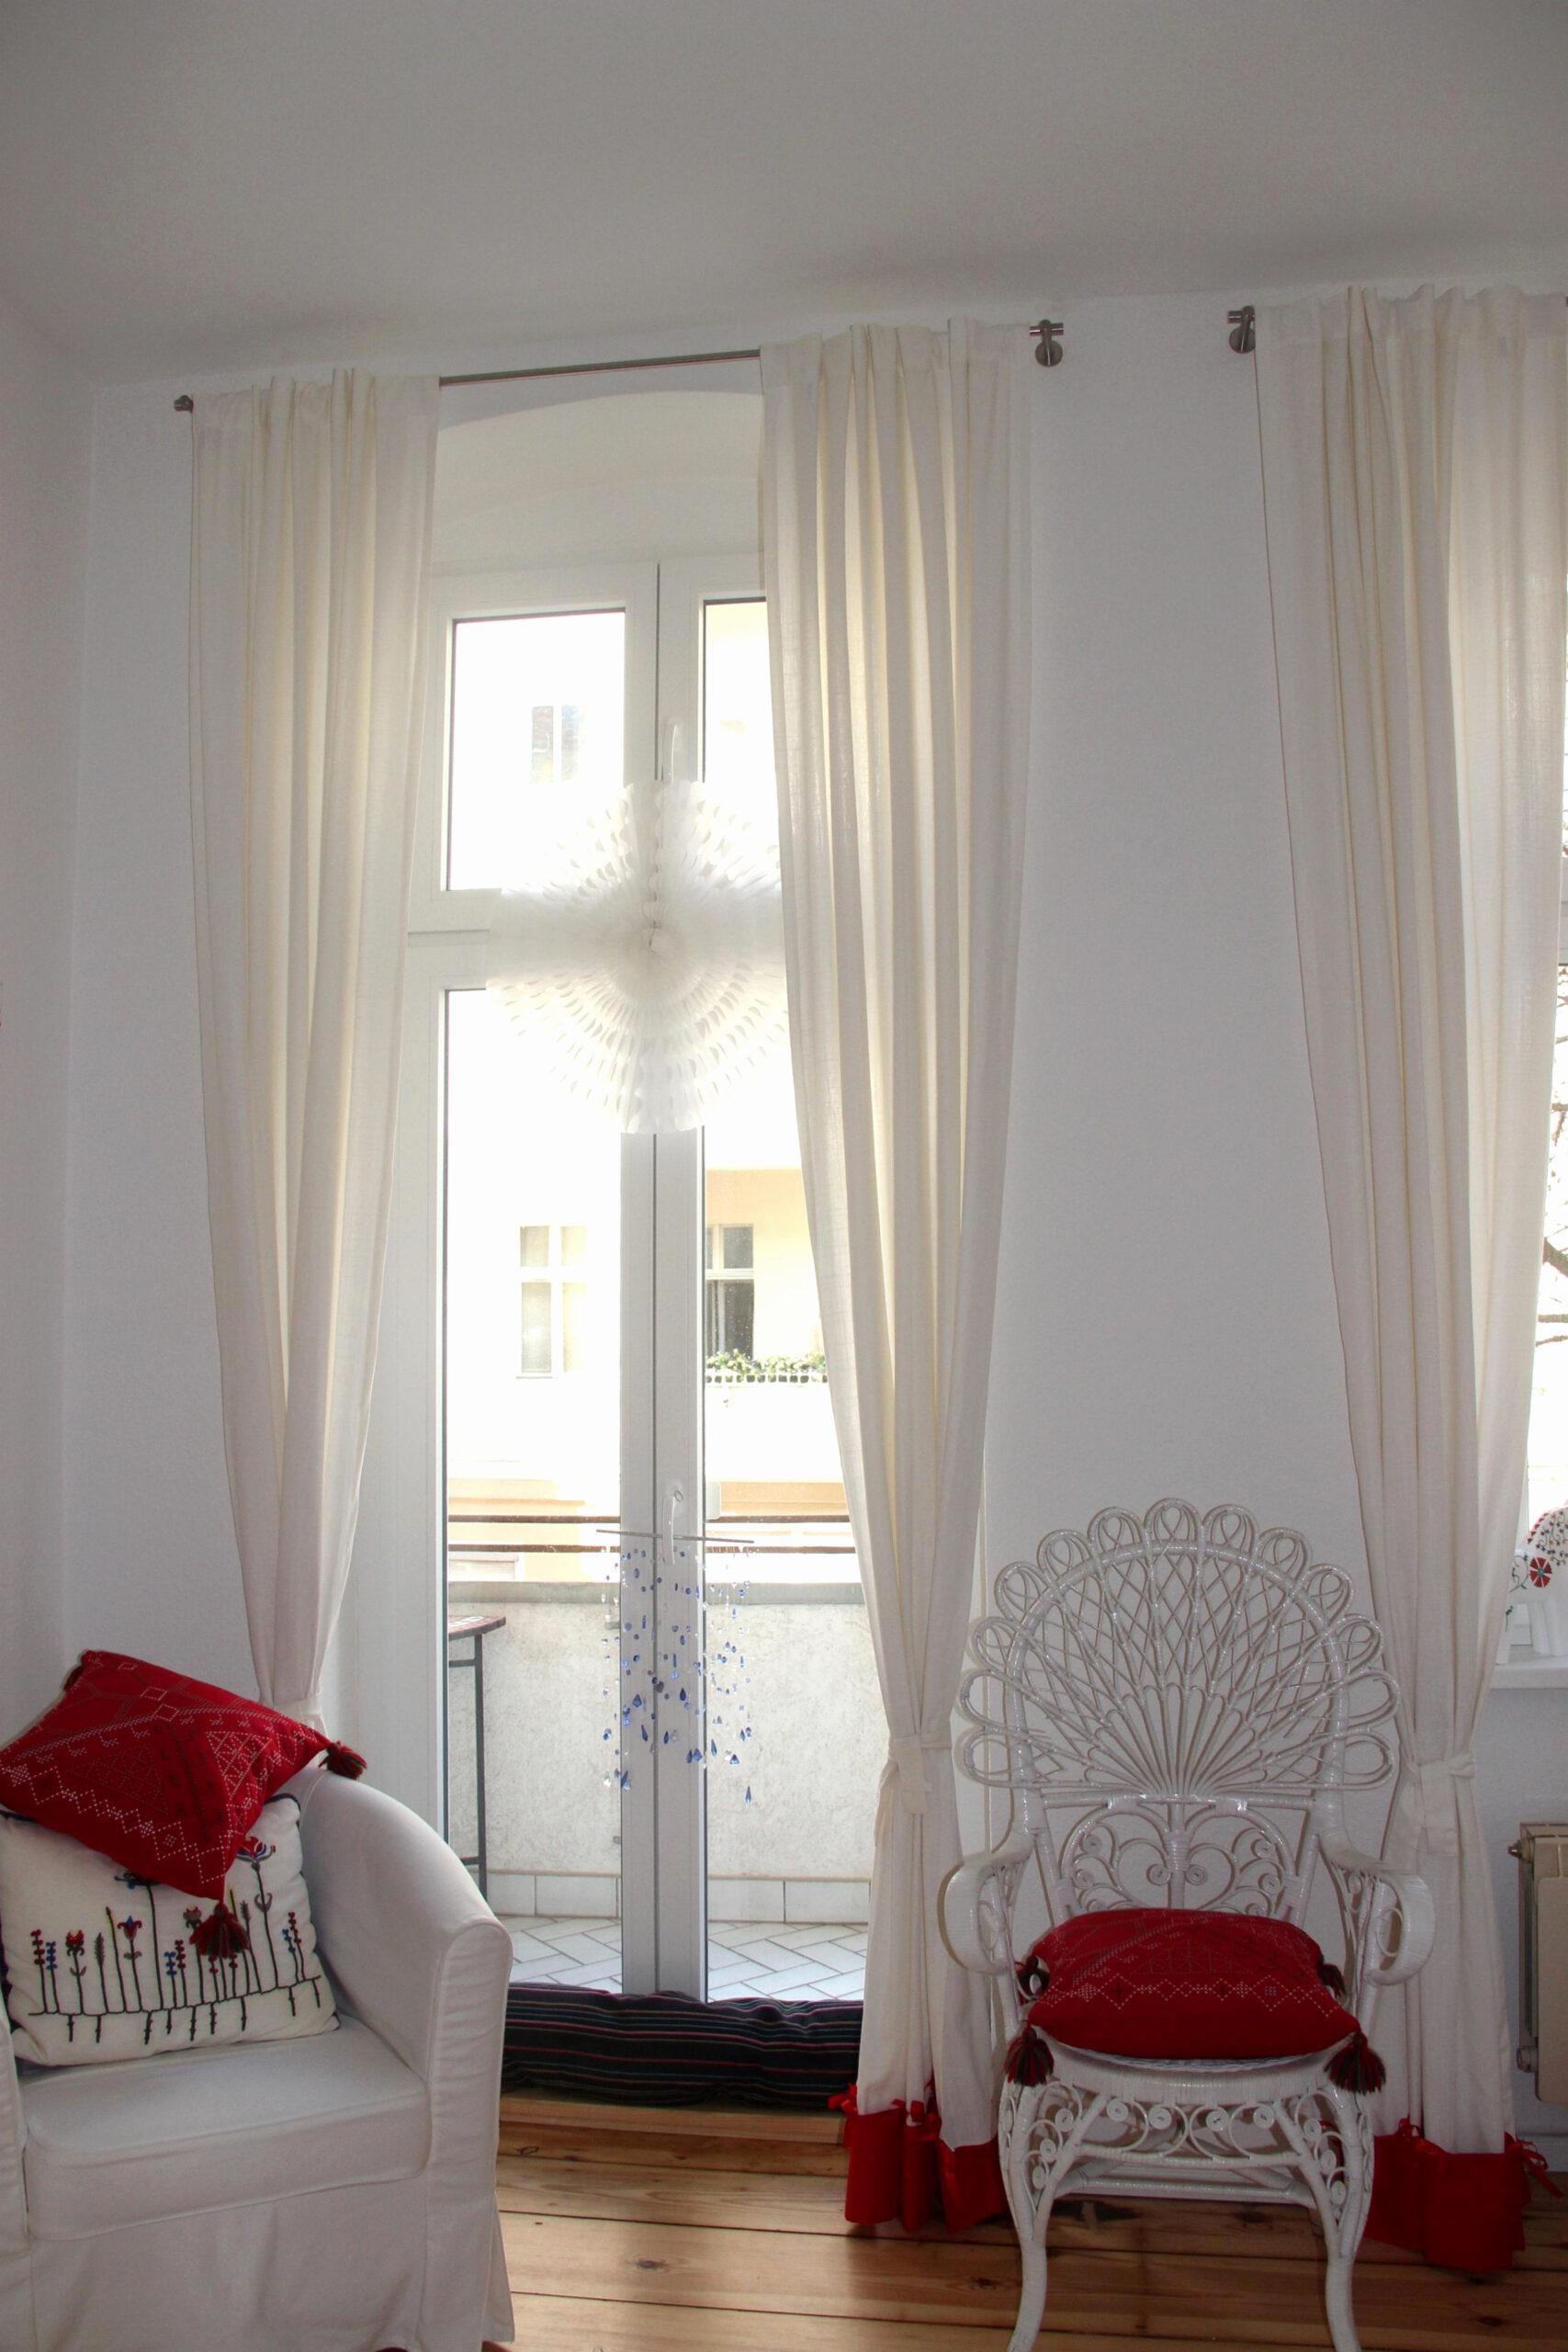 Full Size of Gardinen Ideen Bad Für Schlafzimmer Küche Fenster Wohnzimmer Tapeten Renovieren Scheibengardinen Die Wohnzimmer Gardinen Ideen